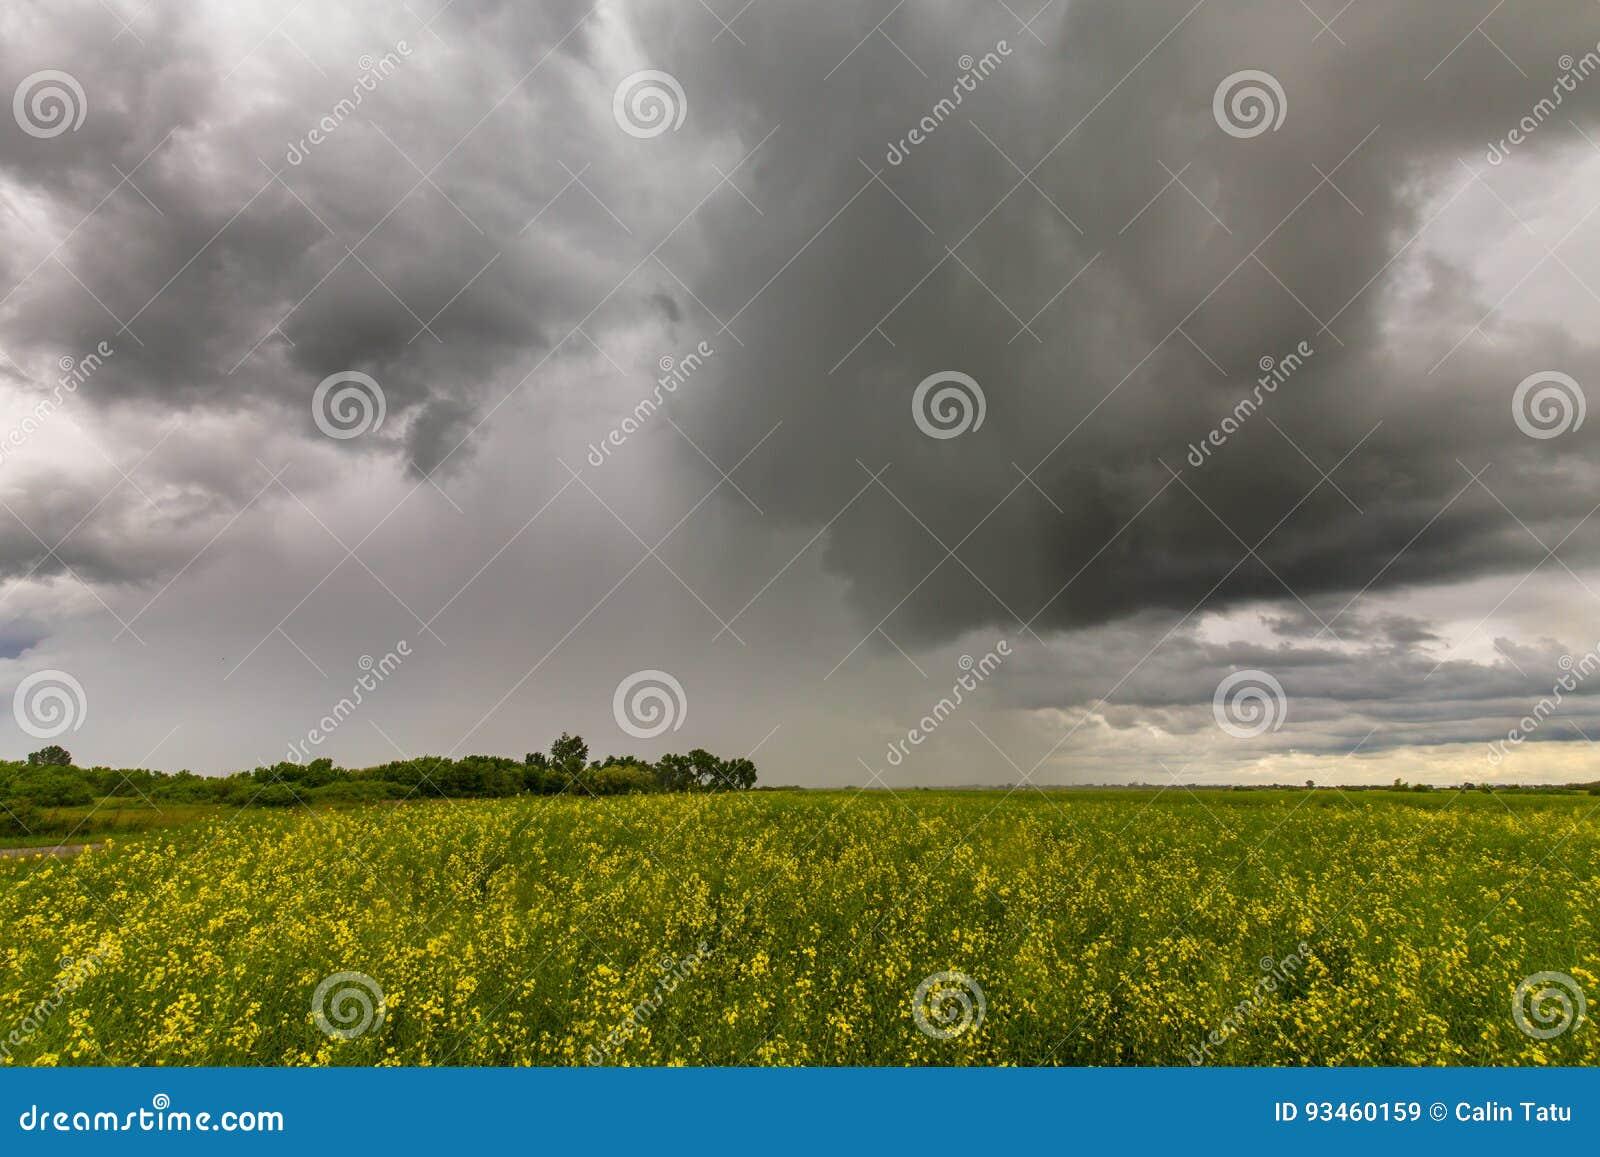 Illavarslande stormmoln och canolafält